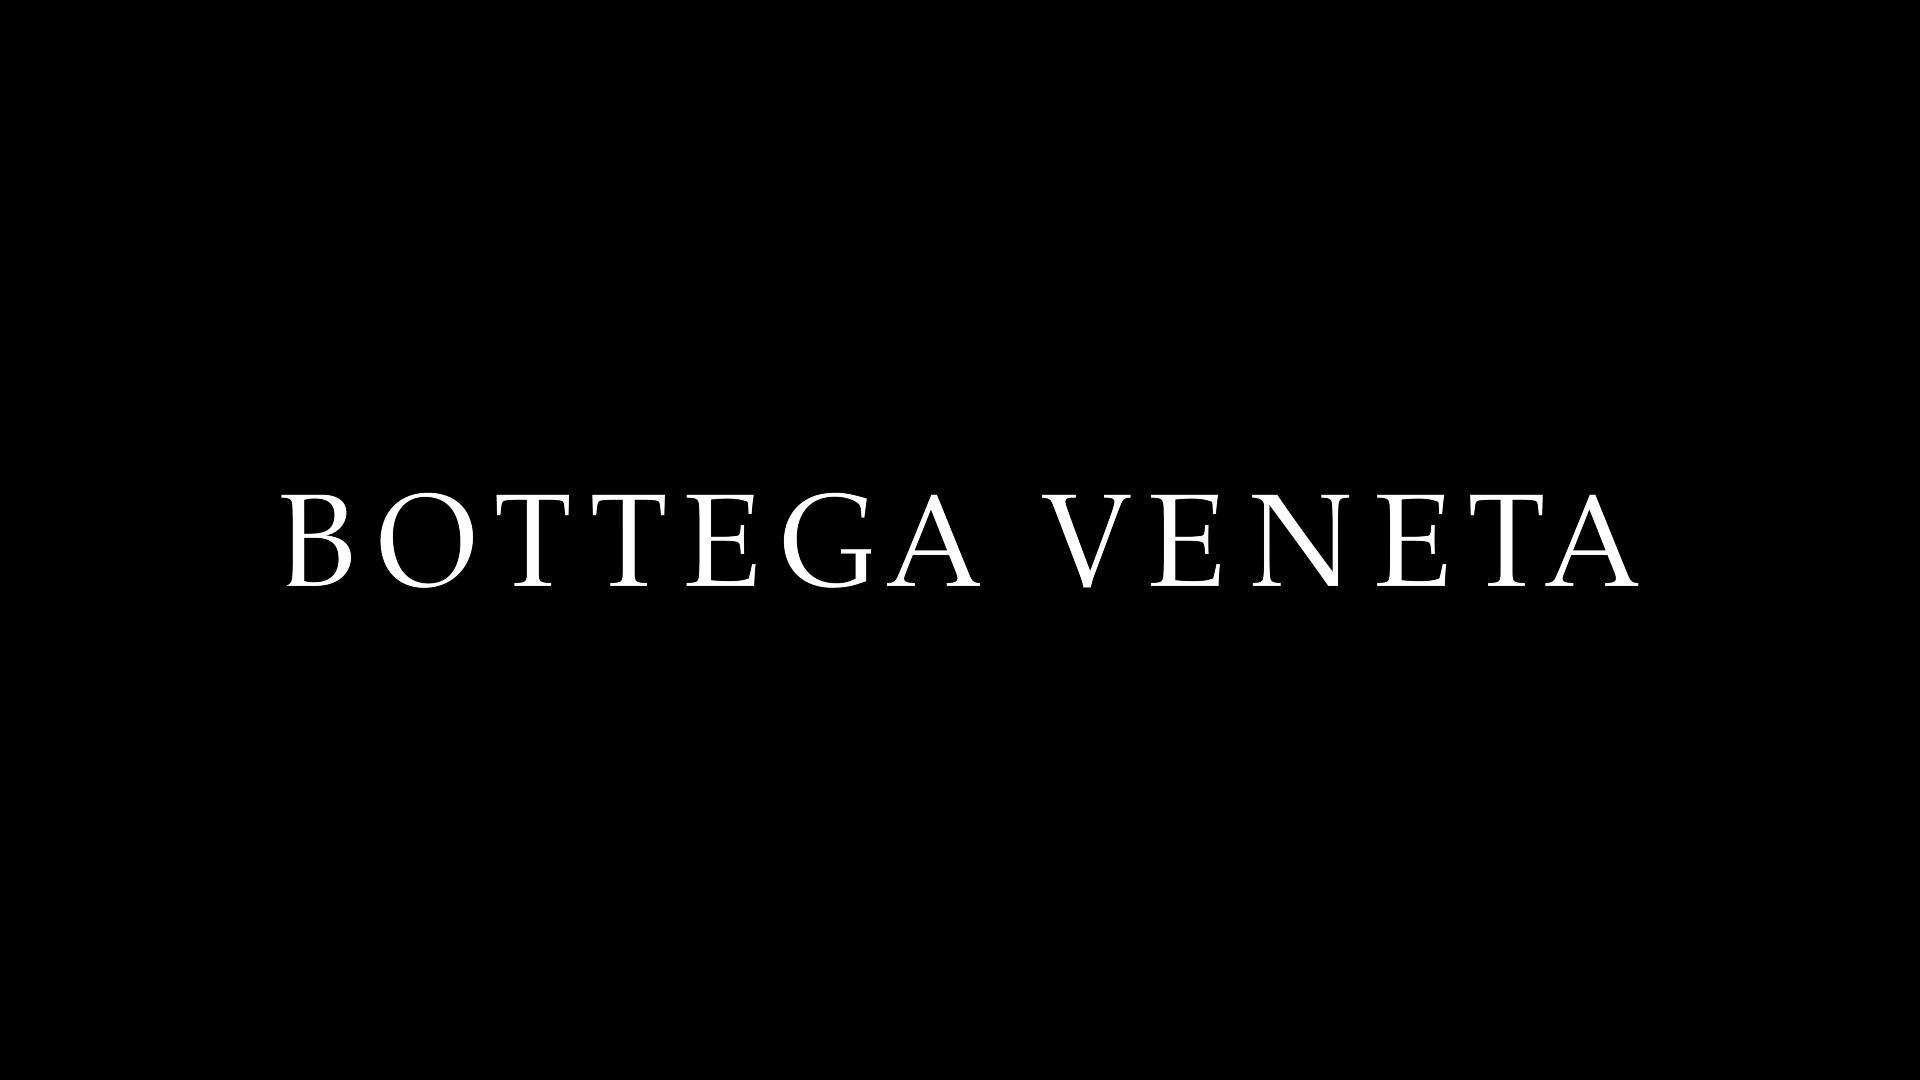 BOTTEGA VENETA | ROBERT HAMADA |